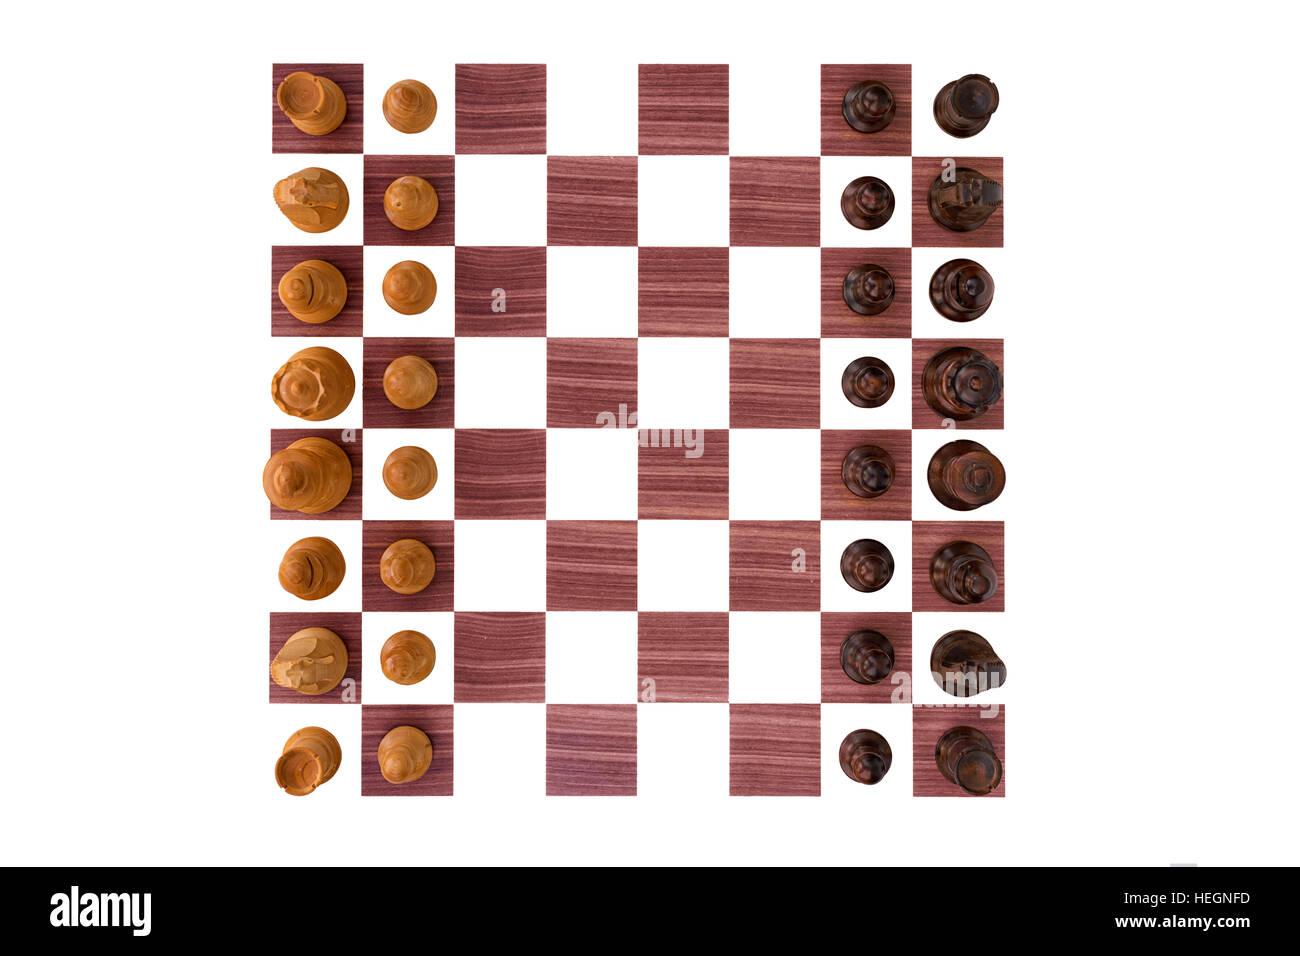 Scacchiera di legno di bosso con tutti i pezzi su sfondo bianco Immagini Stock